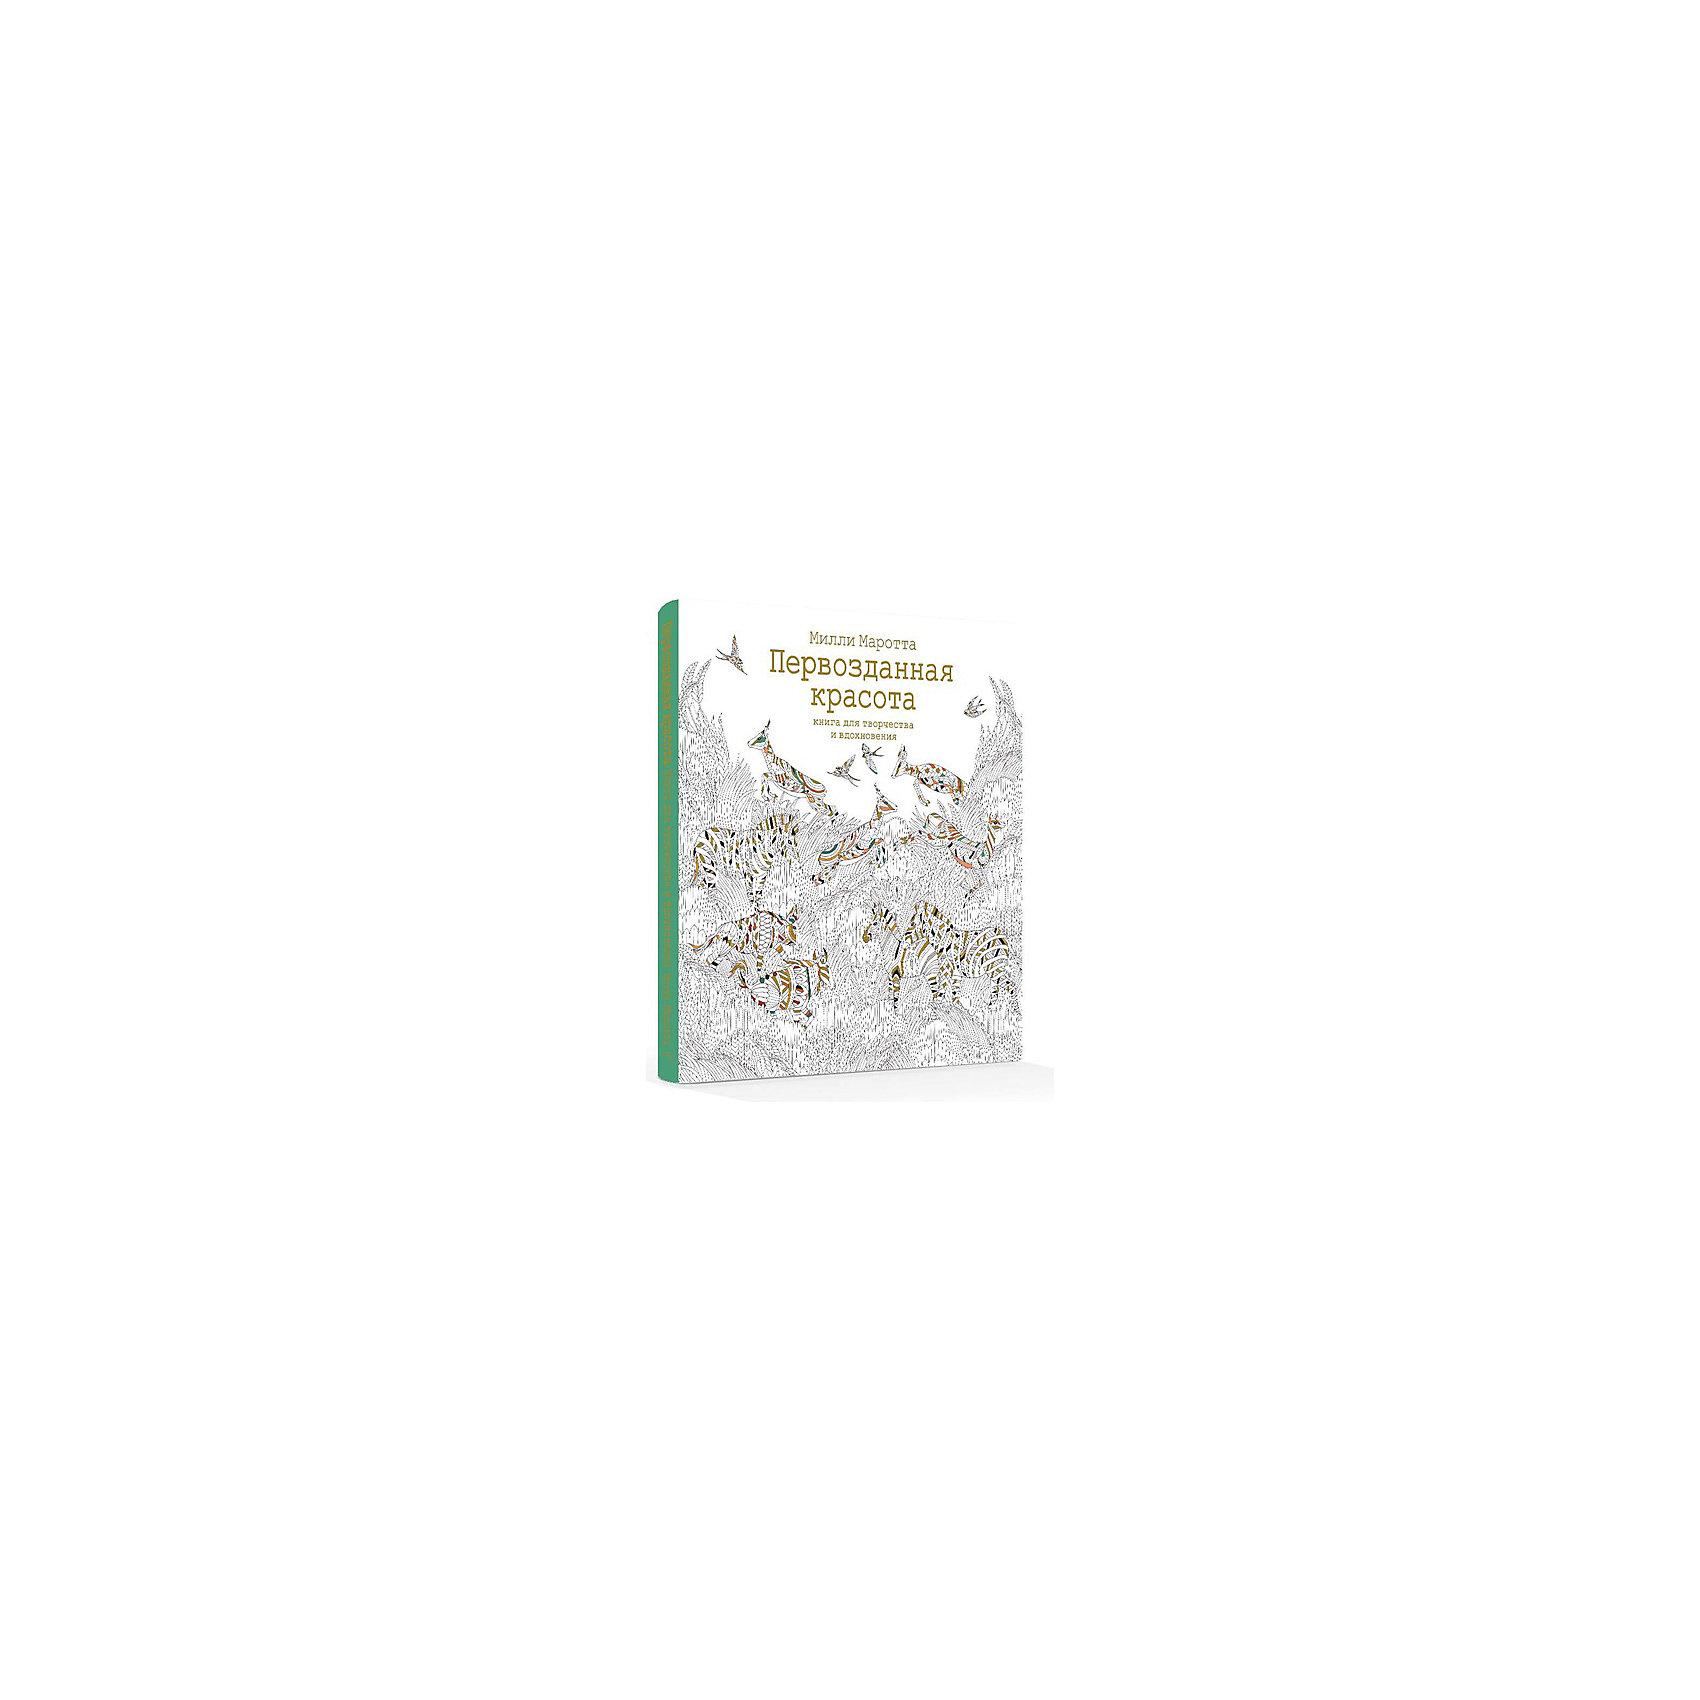 Раскраска-антистресс Первозданная красота, MACHAONРисование<br>Книга Первозданная красота.<br><br>Характеристики:<br><br>• Художник: Маротта Милли<br>• Редактор: Фесенко О. Г.<br>• Издательство: КоЛибри<br>• Тип обложки: мягкая обложка<br>• Иллюстрации: черно-белые<br>• Количество страниц: 96 (офсет)<br>• Размер: 250x250х9 мм.<br>• Вес: 423 гр.<br>• ISBN: 9785389112919<br><br>Перед Вами первозданная красота – совершенство замысла Творца, бесконечная гармония, оживающая под вашим карандашом. Спокойствие. Релаксация. Антистресс. Вдохновение. Новая книга культового иллюстратора Милли Маротты вновь дарит нам недетскую забаву – захватывающую возможность оживить замершие образы.<br><br>Книгу Первозданная красота можно купить в нашем интернет-магазине.<br><br>Ширина мм: 250<br>Глубина мм: 250<br>Высота мм: 90<br>Вес г: 423<br>Возраст от месяцев: 144<br>Возраст до месяцев: 2147483647<br>Пол: Унисекс<br>Возраст: Детский<br>SKU: 5493540